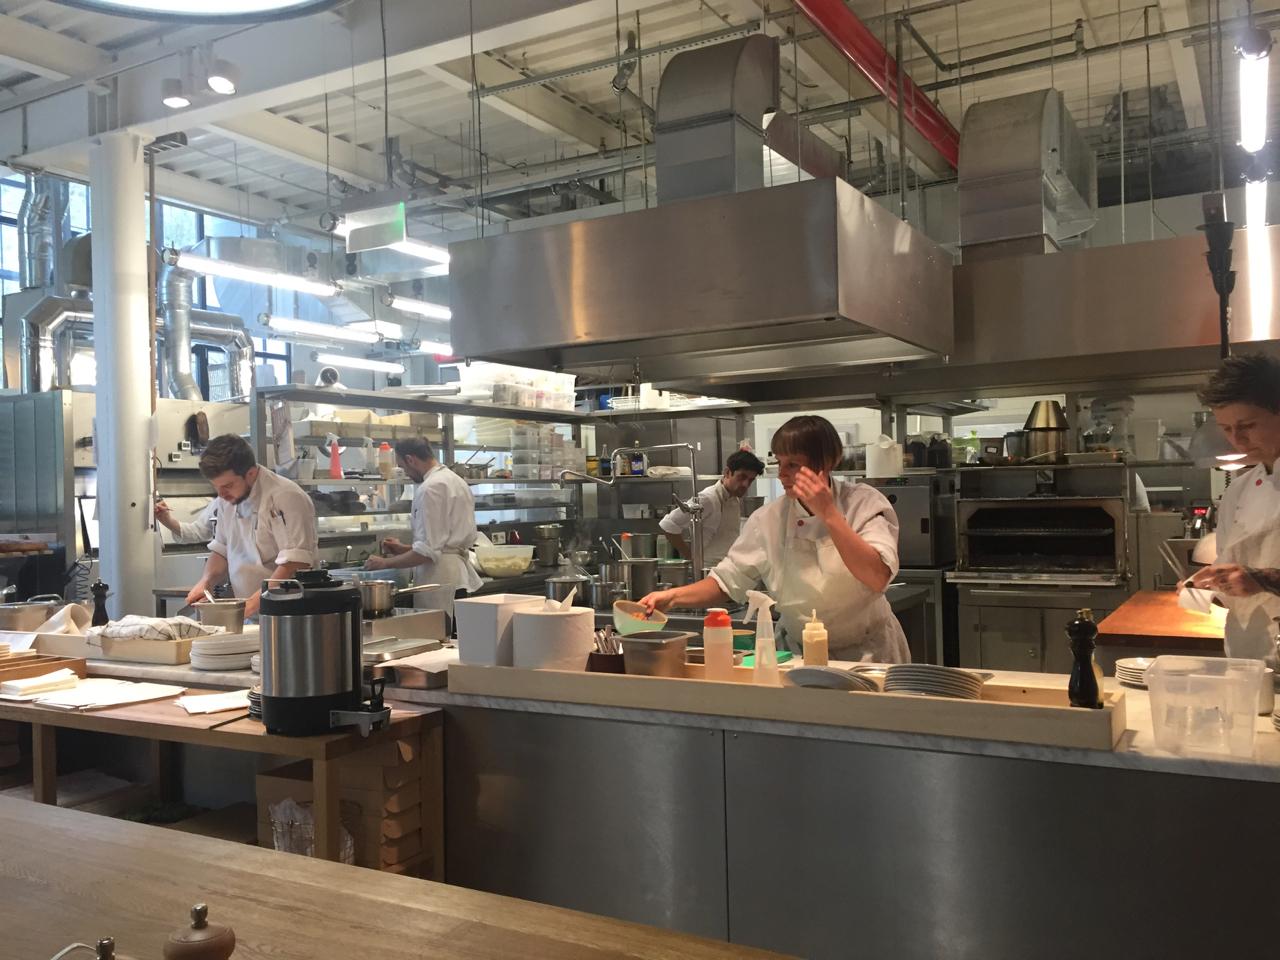 Eska Kitchen